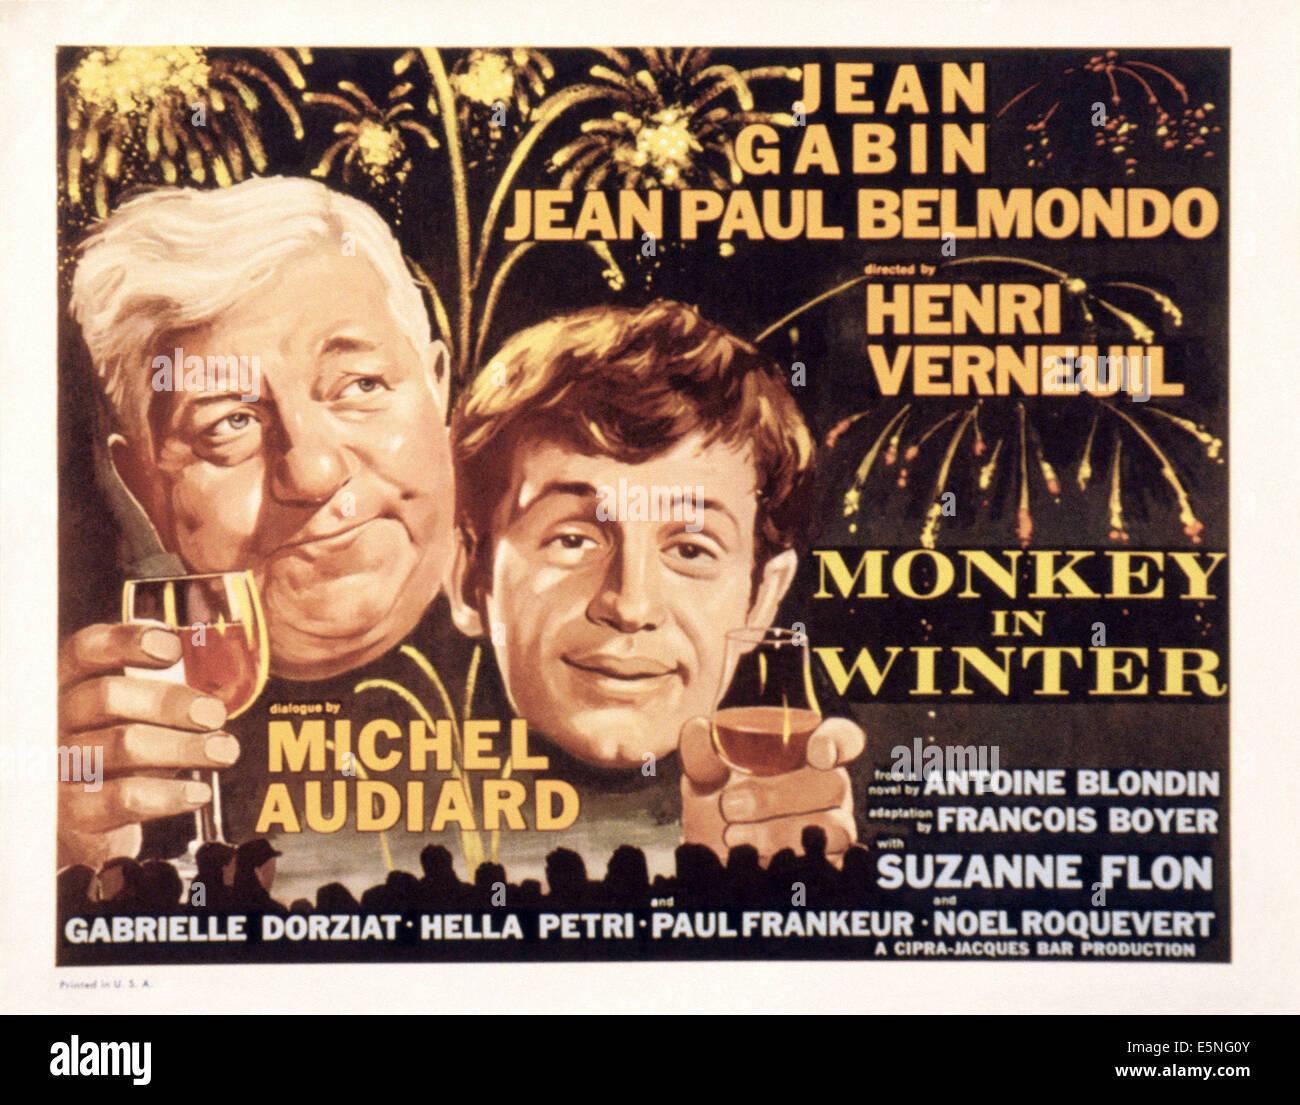 A MONKEY IN WINTER, (aka UN SINGE EN HIVER), from left: